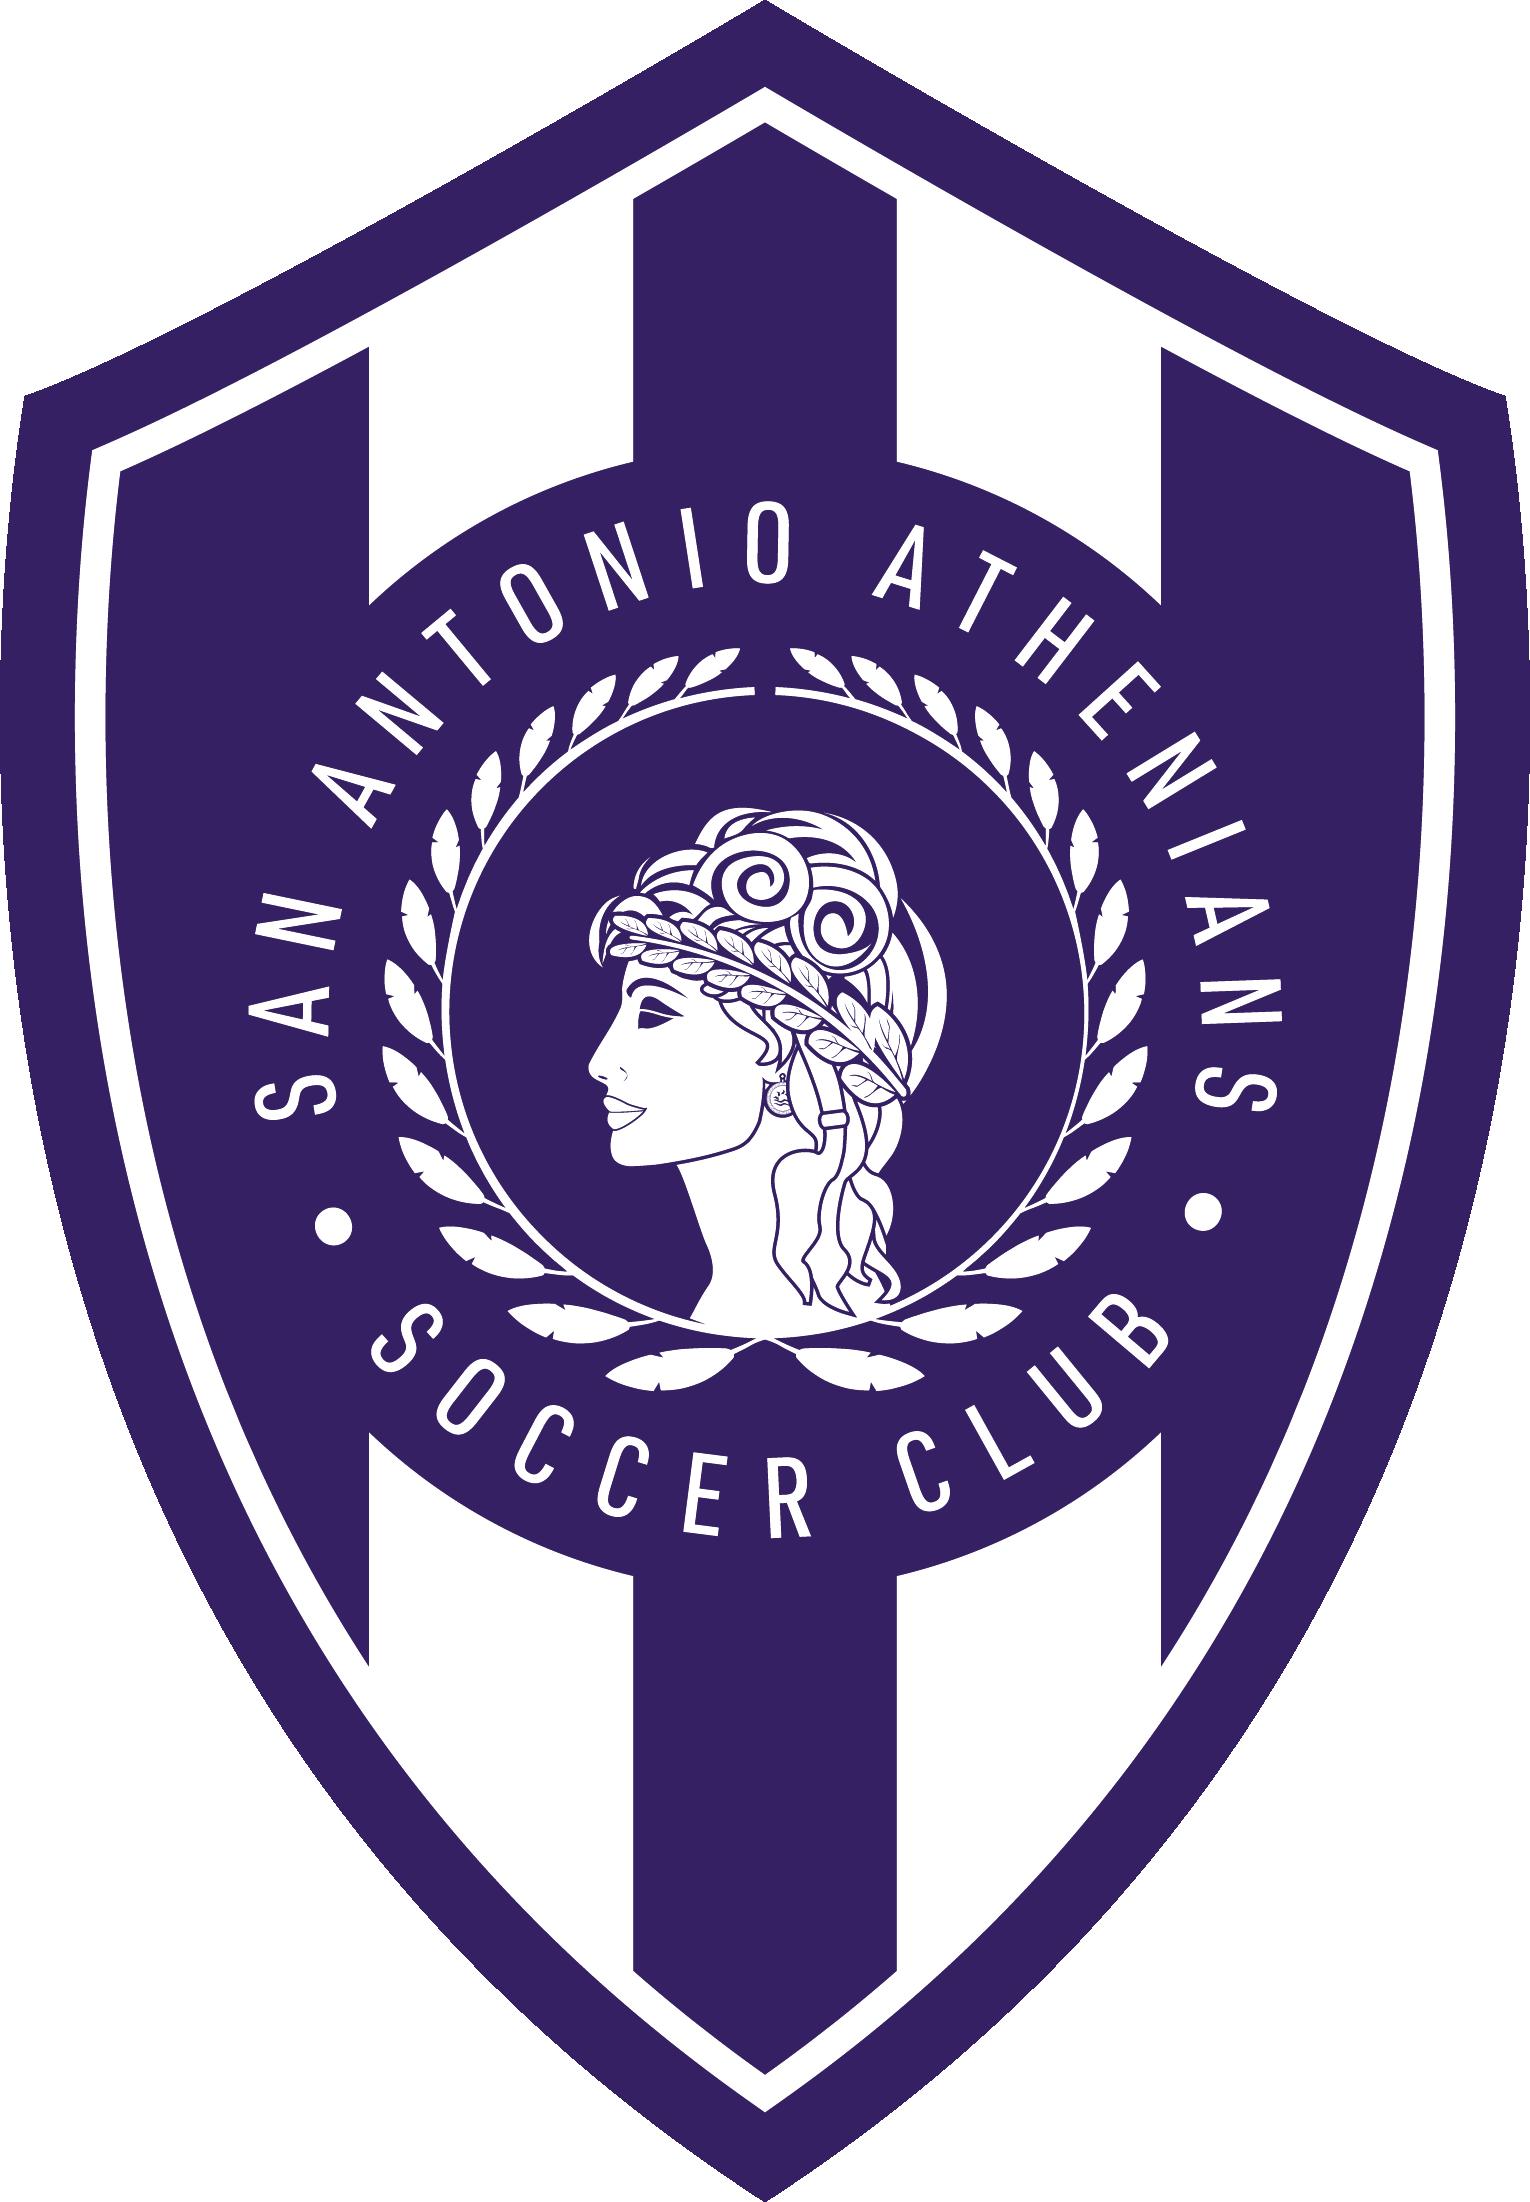 San Antonio Athenians